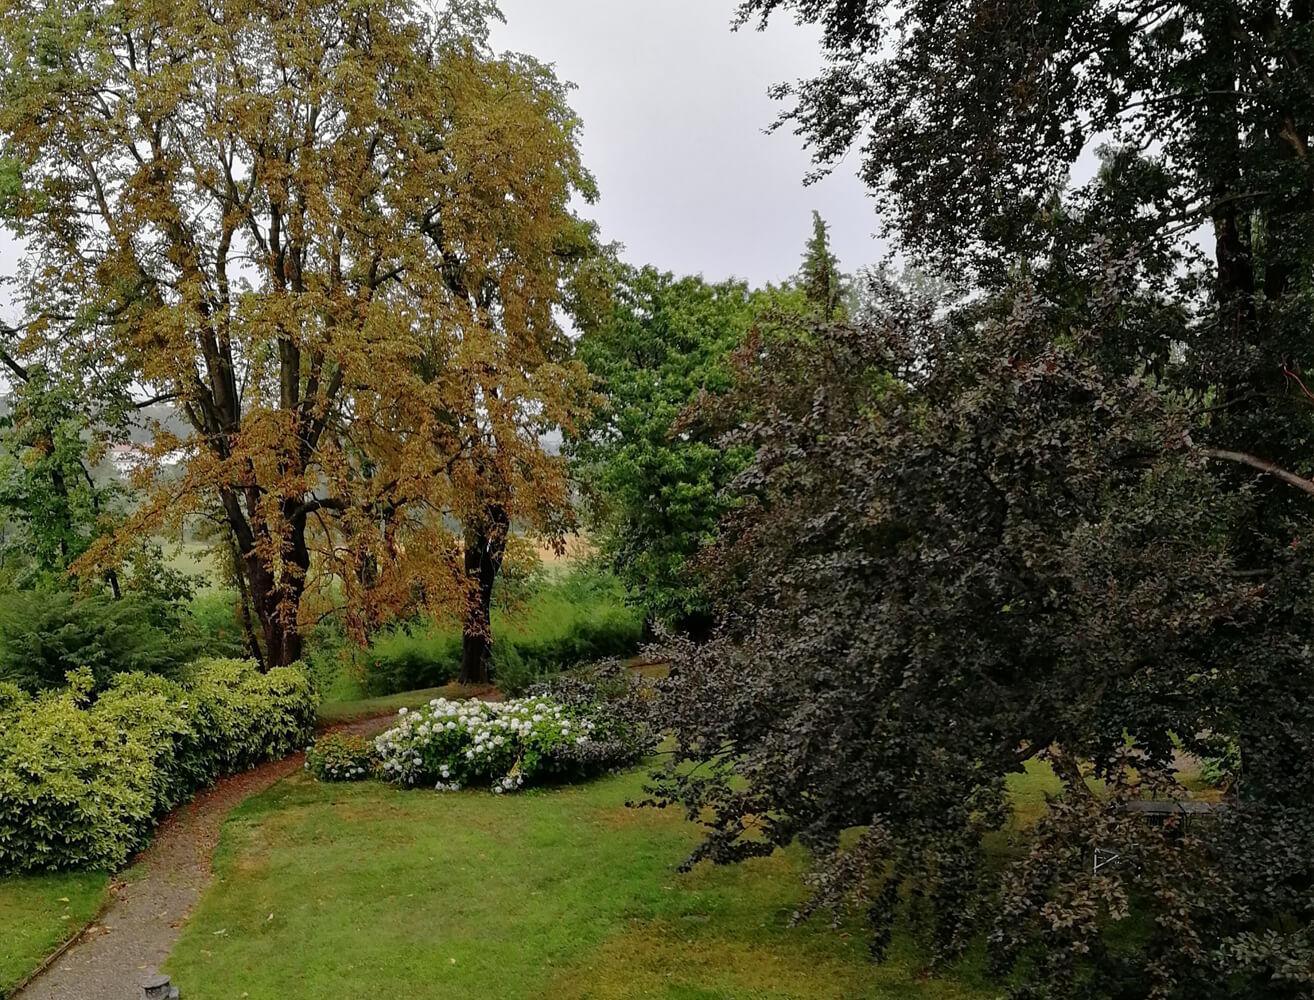 Dandelion Como - Il Parco Inglese 1